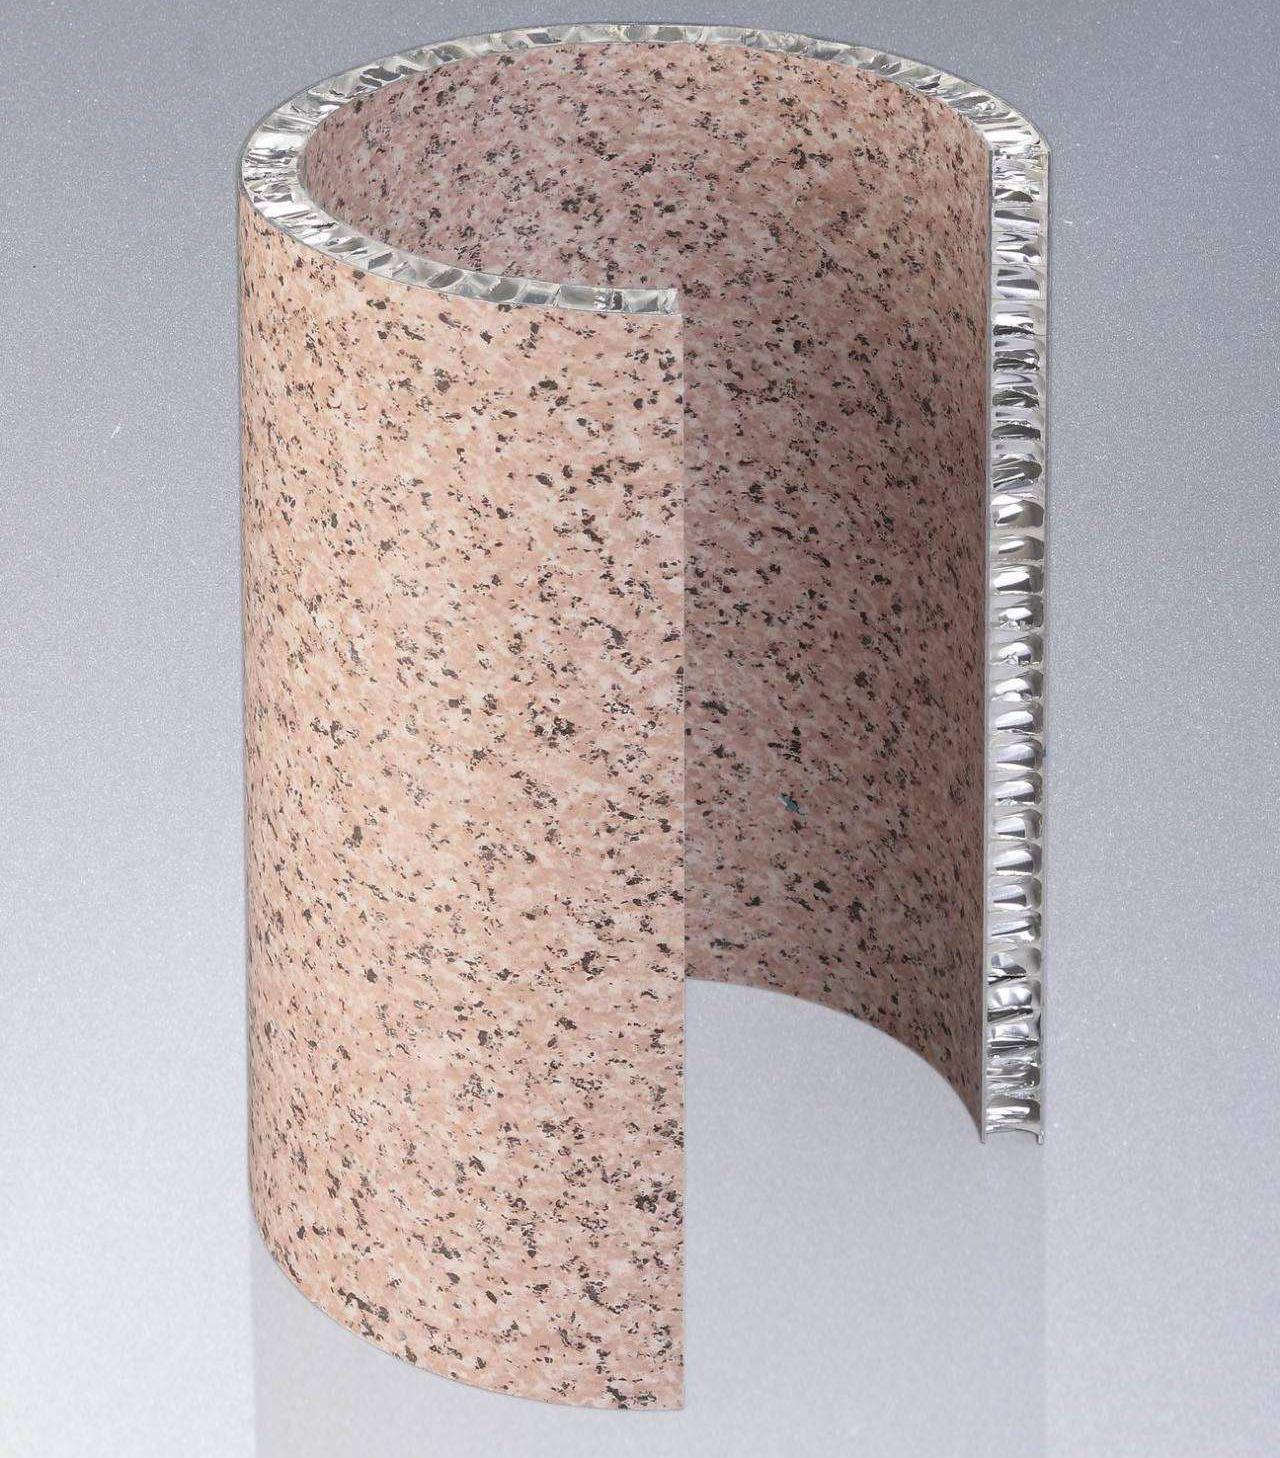 【蜂窝铝板】【铝蜂窝板】的生产过程和工艺